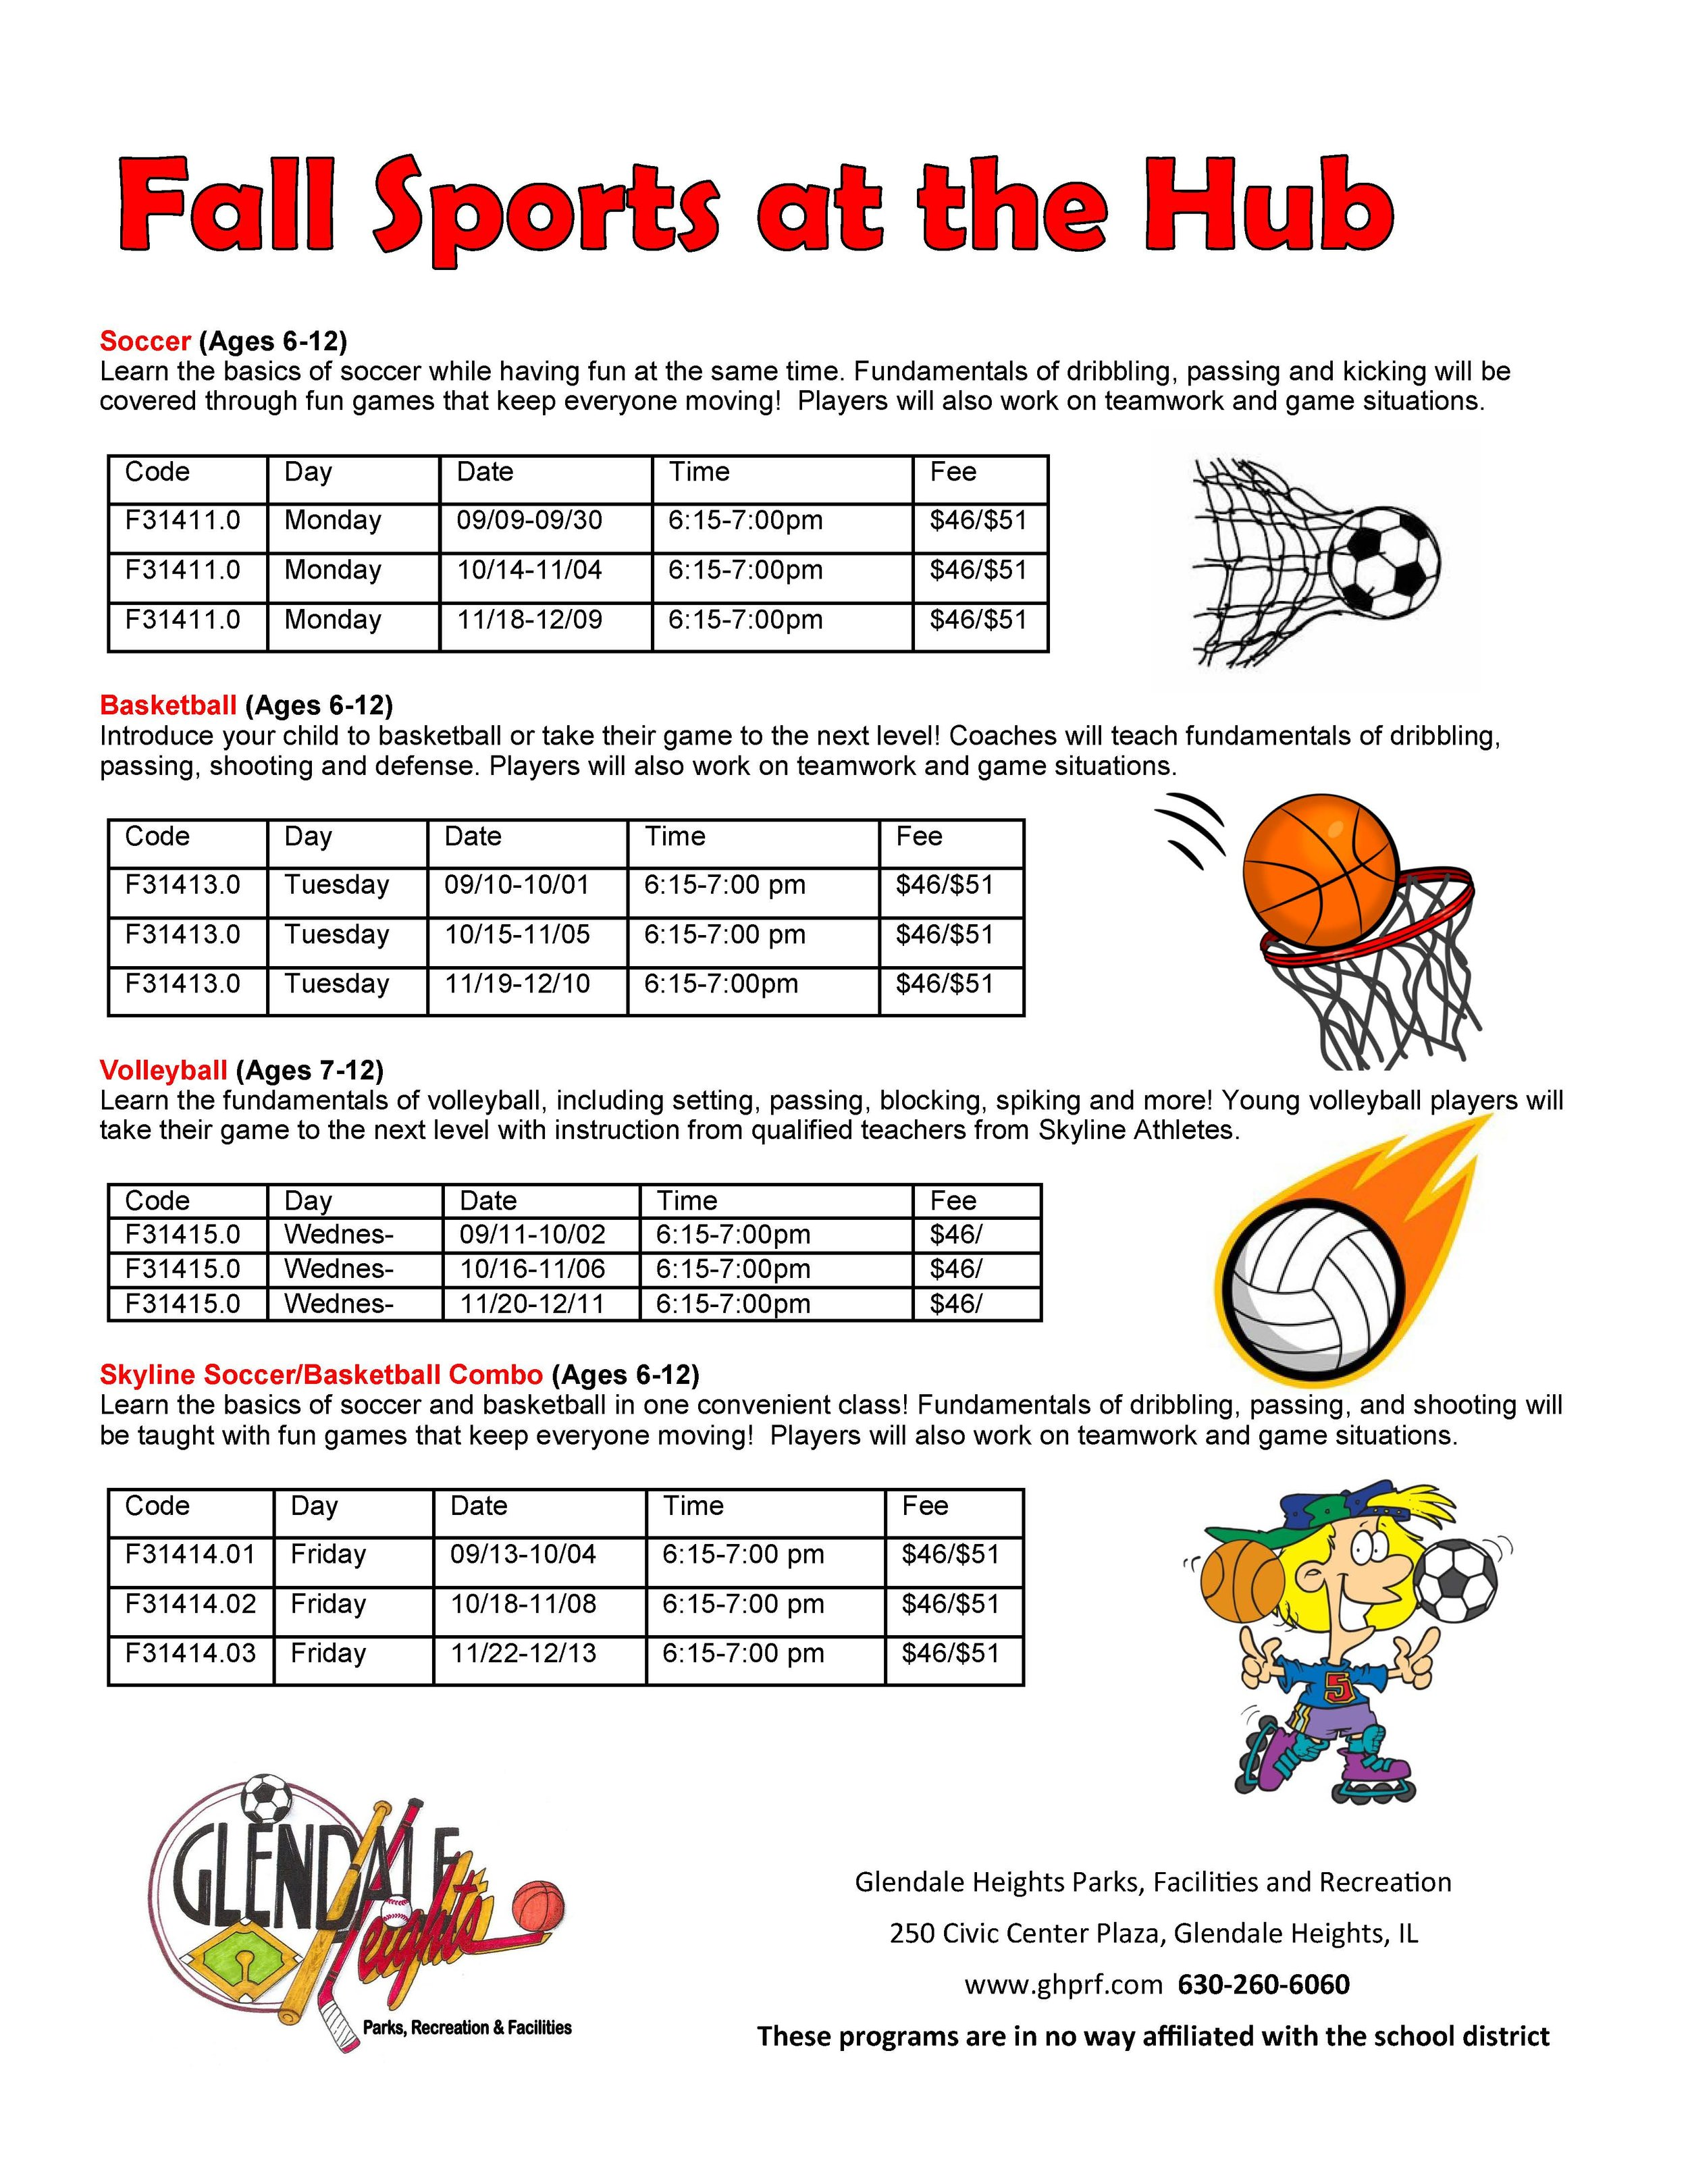 School Sports Flier Fall 2019_Page_1.jpg